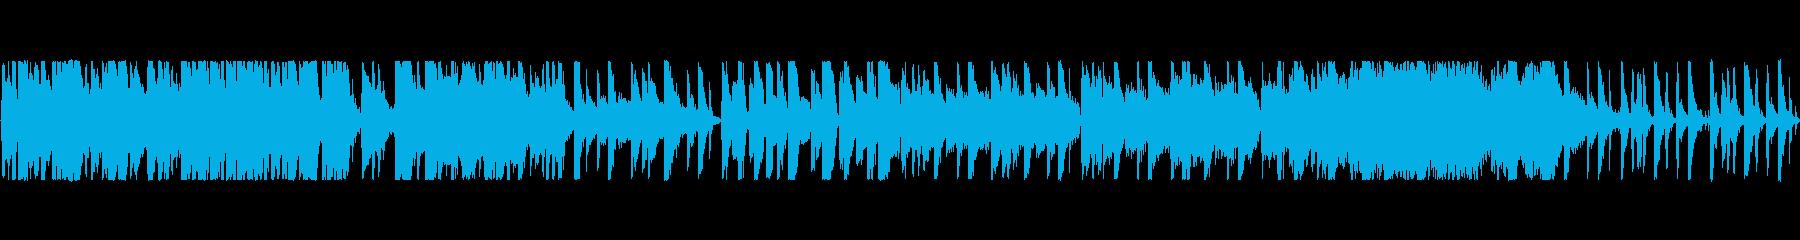 ポップ調の楽しい感じの曲の再生済みの波形